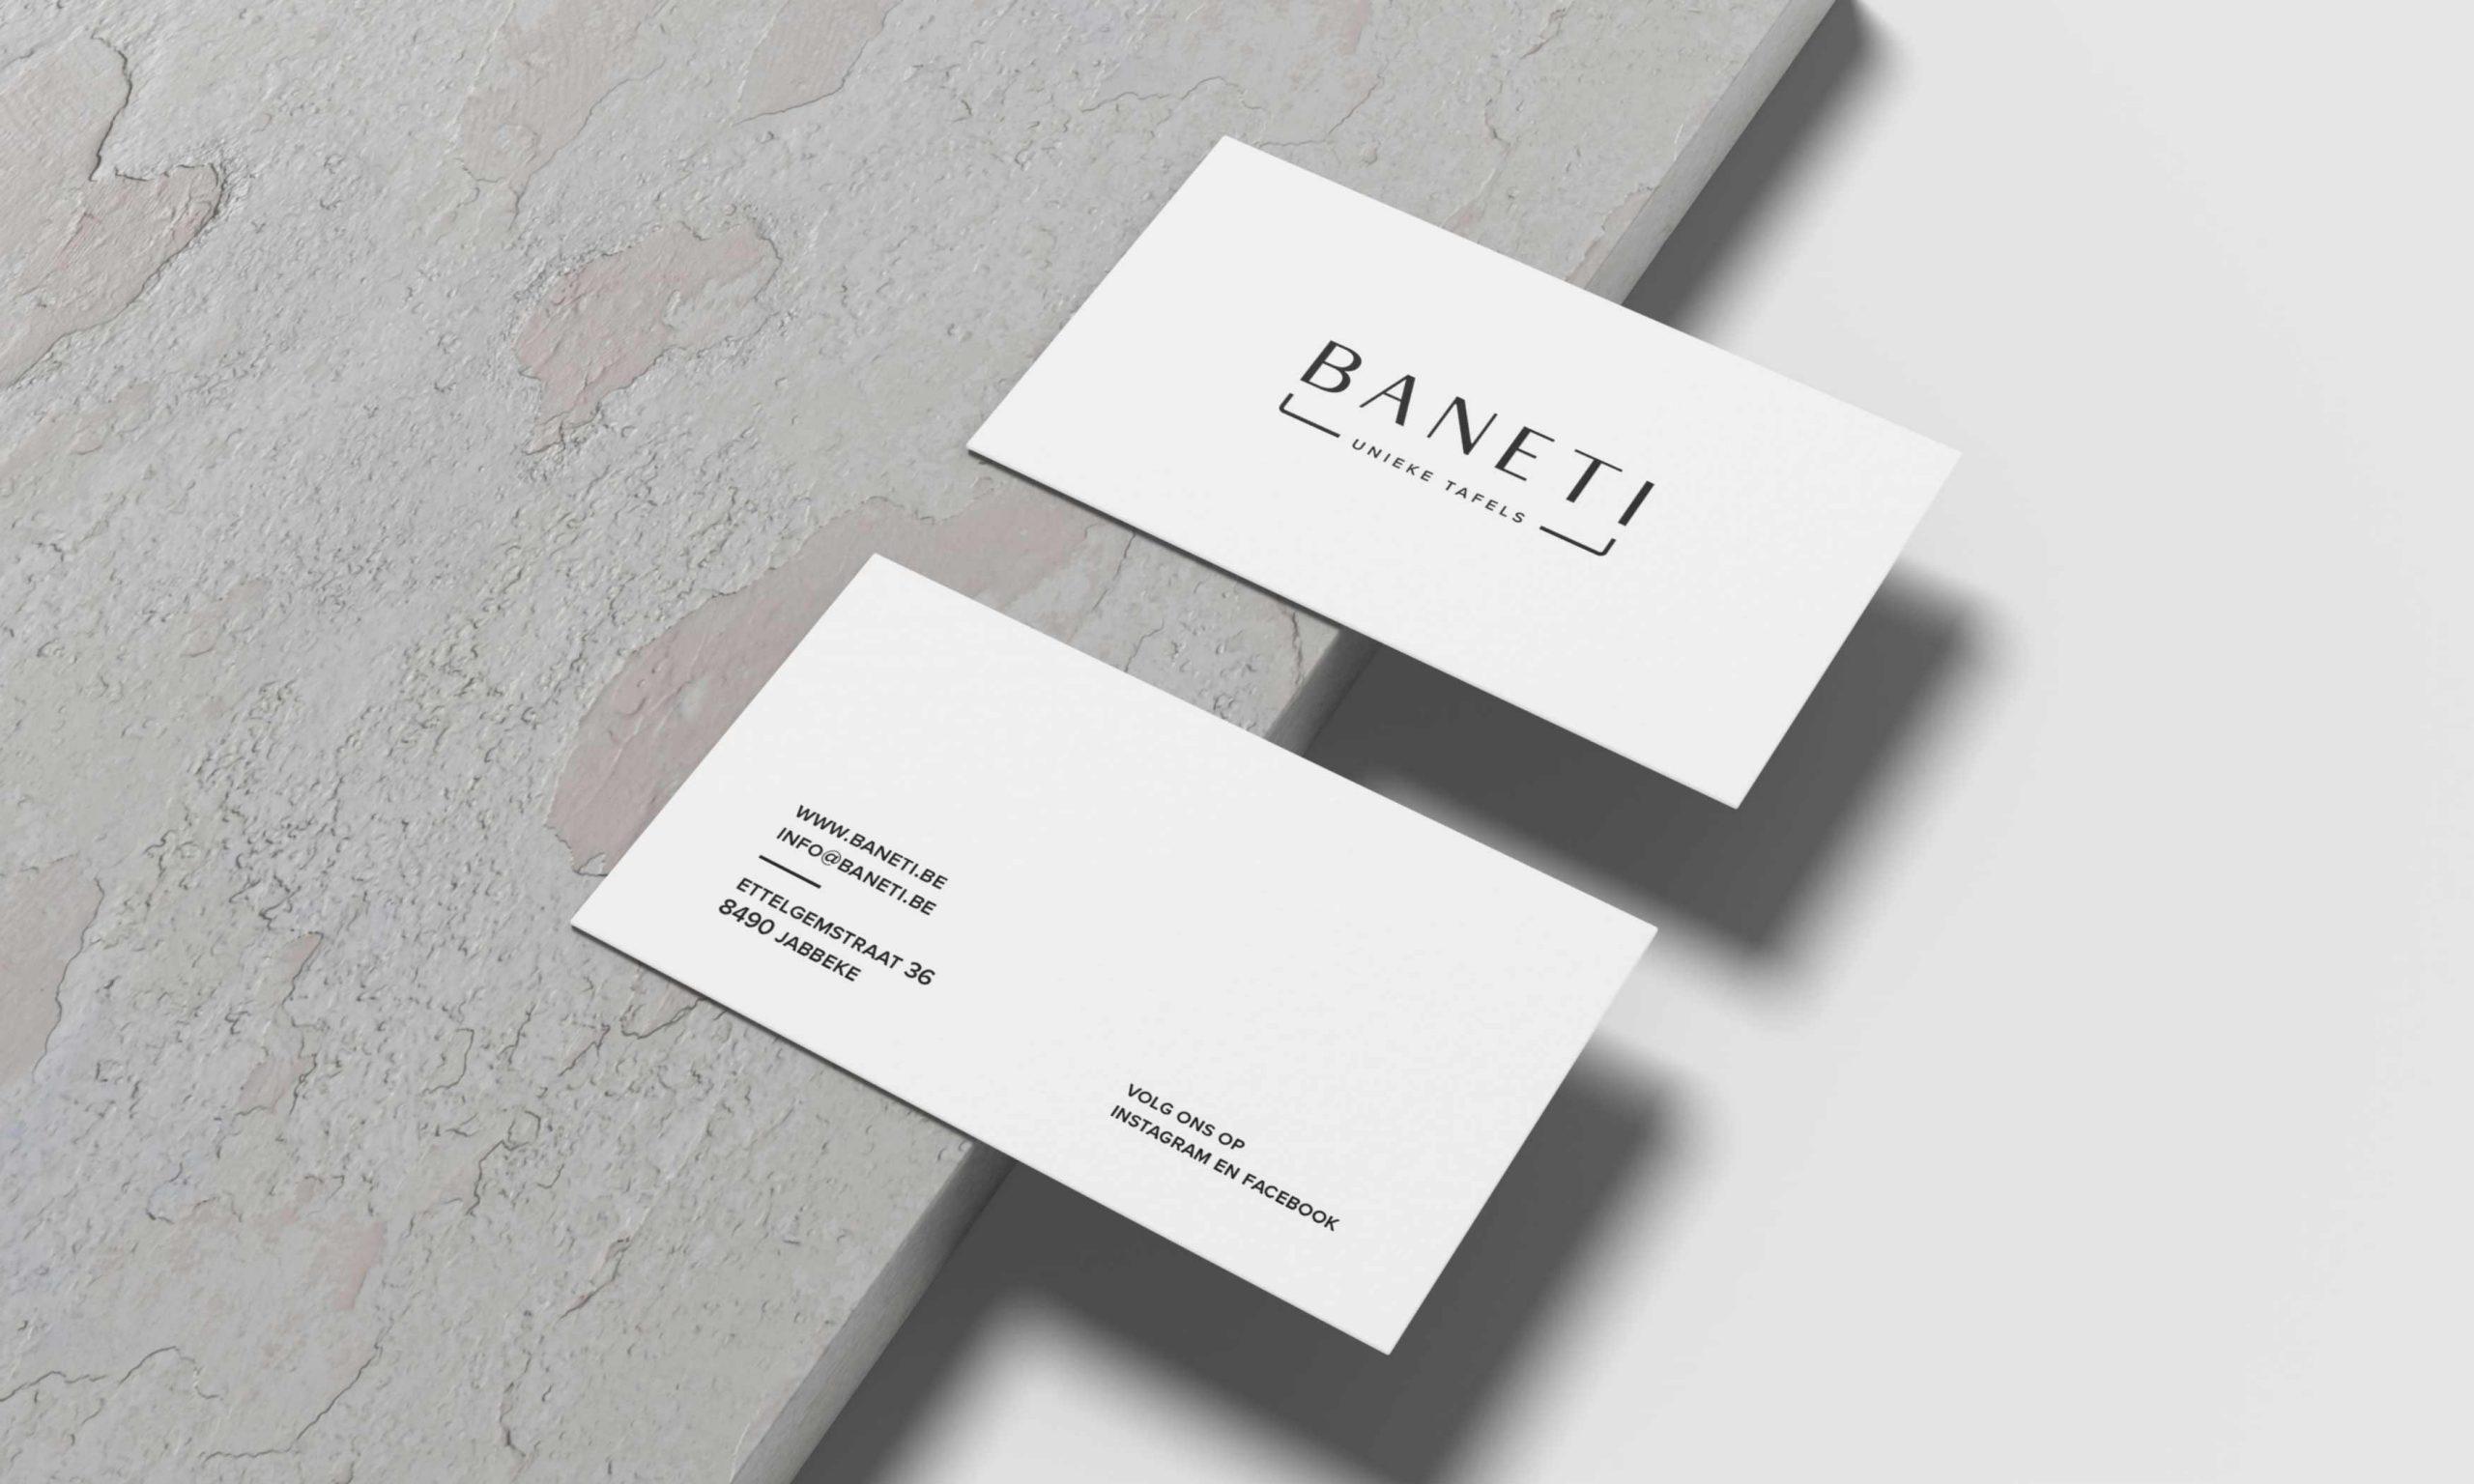 baneti branding